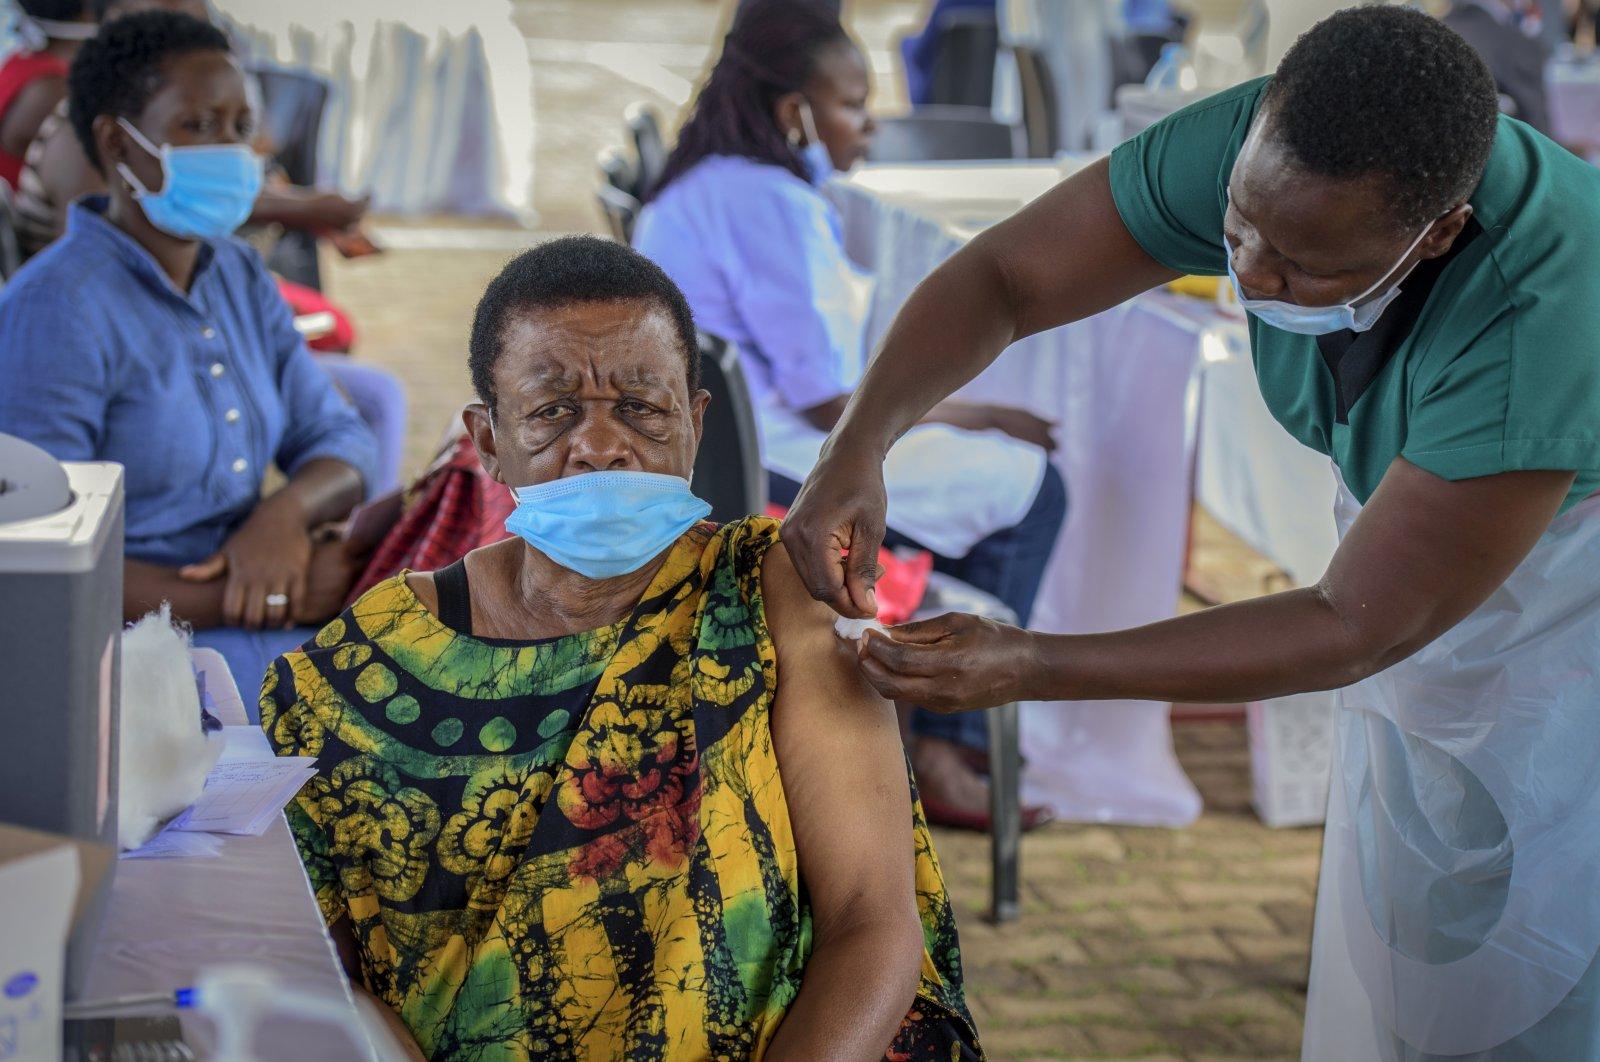 A woman receives a coronavirus vaccination at the Kololo airstrip in Kampala, Uganda, May 31, 2021. (AP Photo)